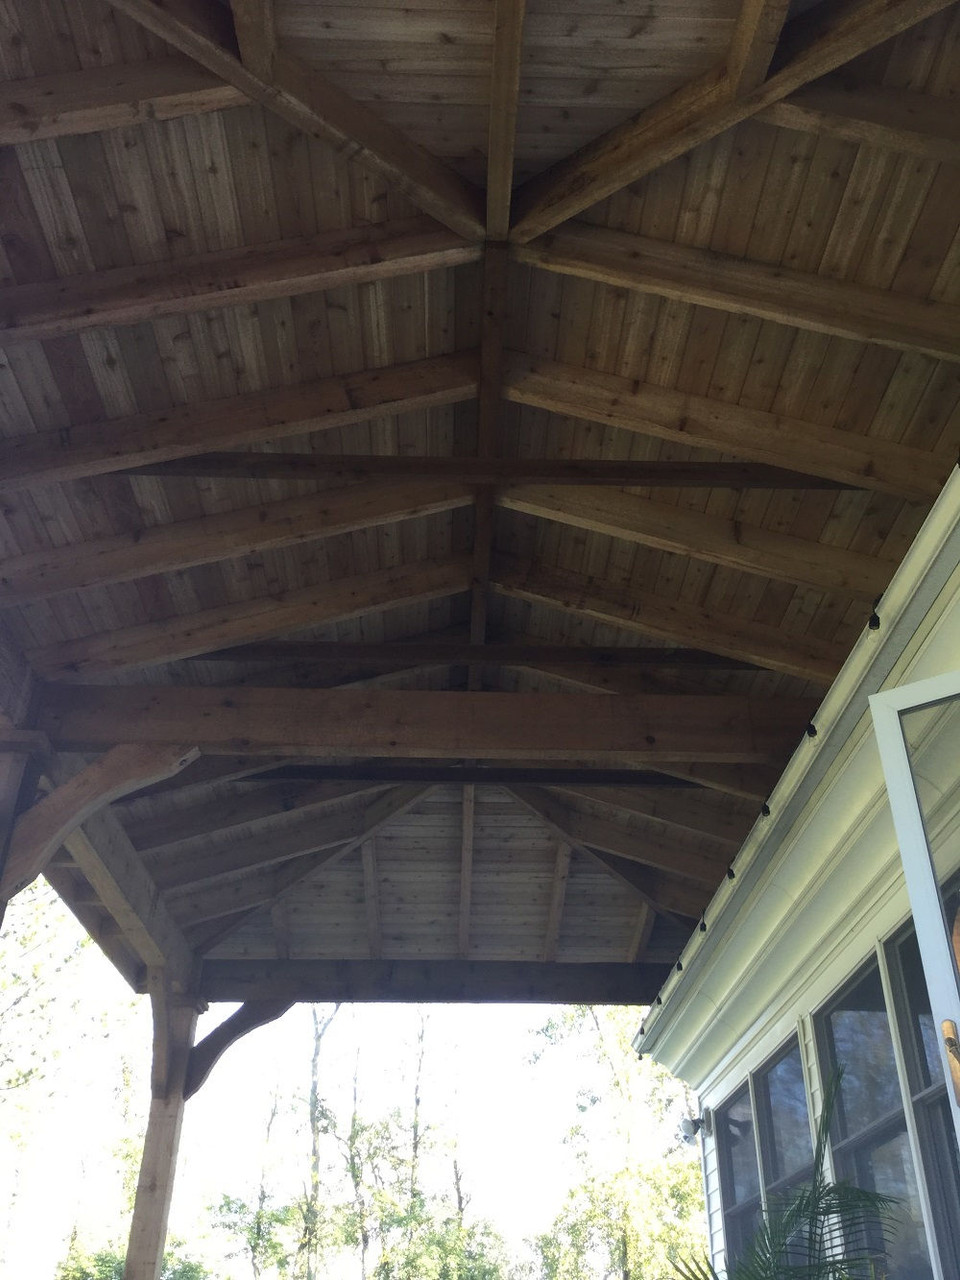 Underside of Hip Roof on Grand Cedar Pavilion, Lockport, NY